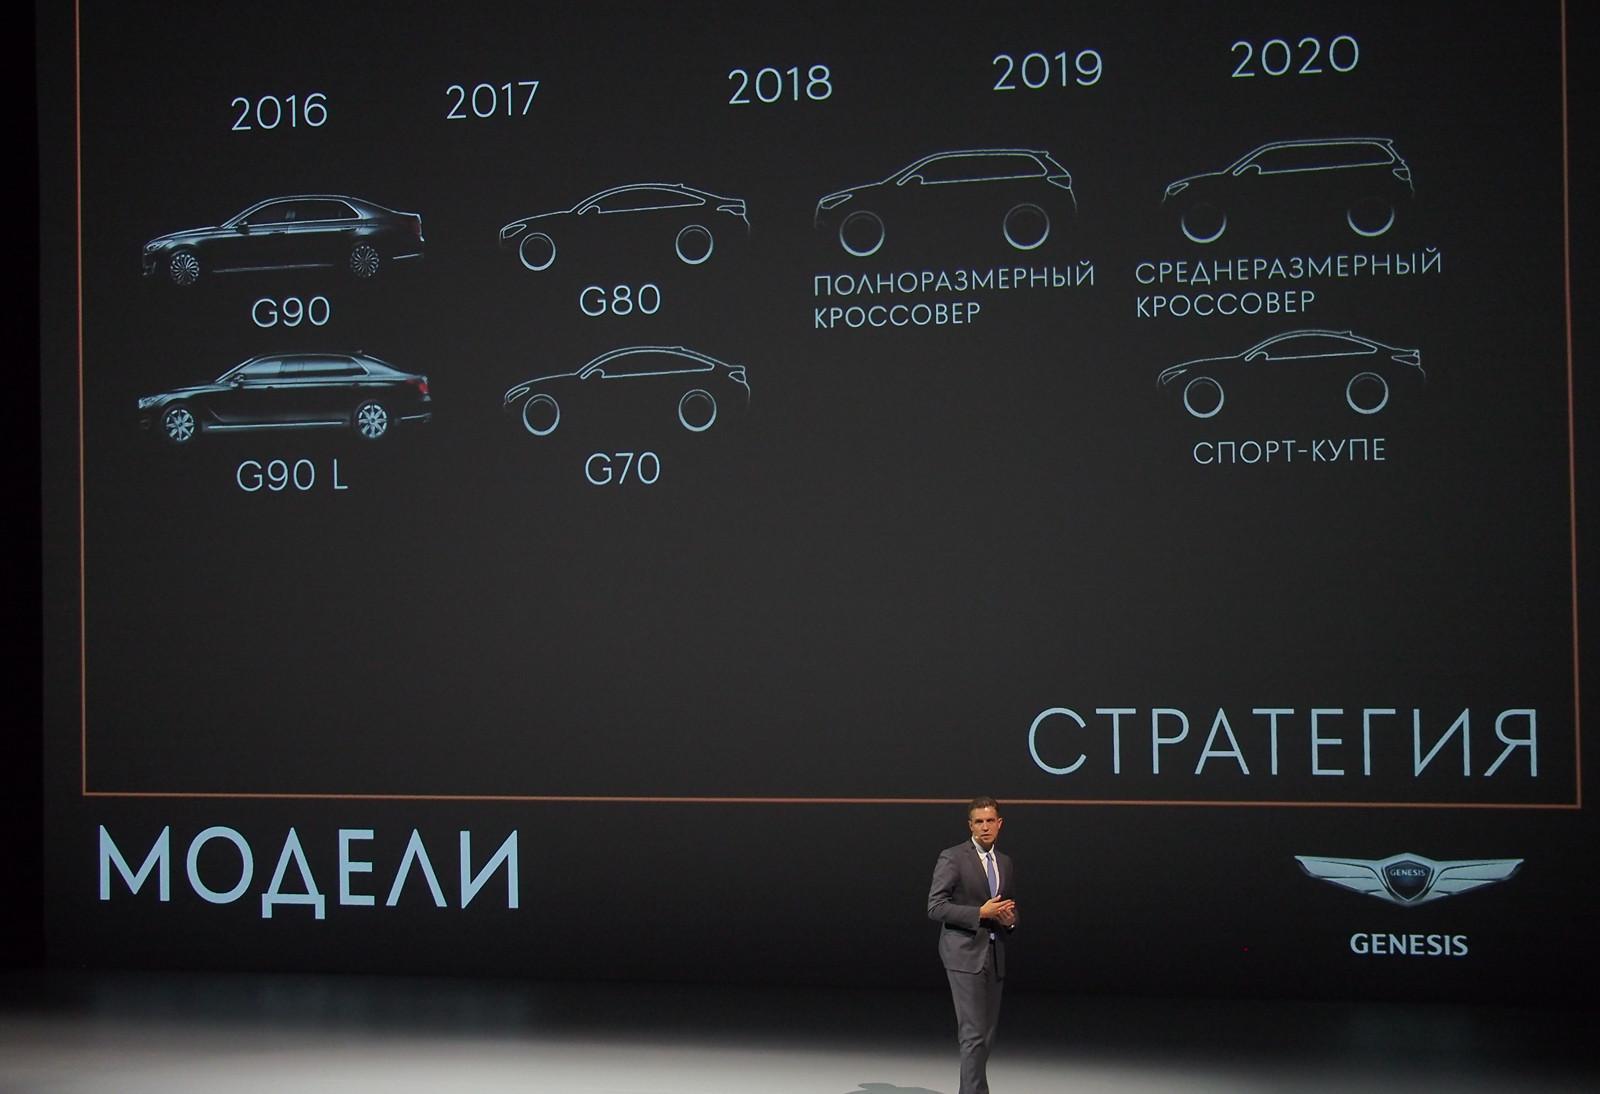 Премиальный бренд Хендай  выходит на русский  рынок сседаном G90